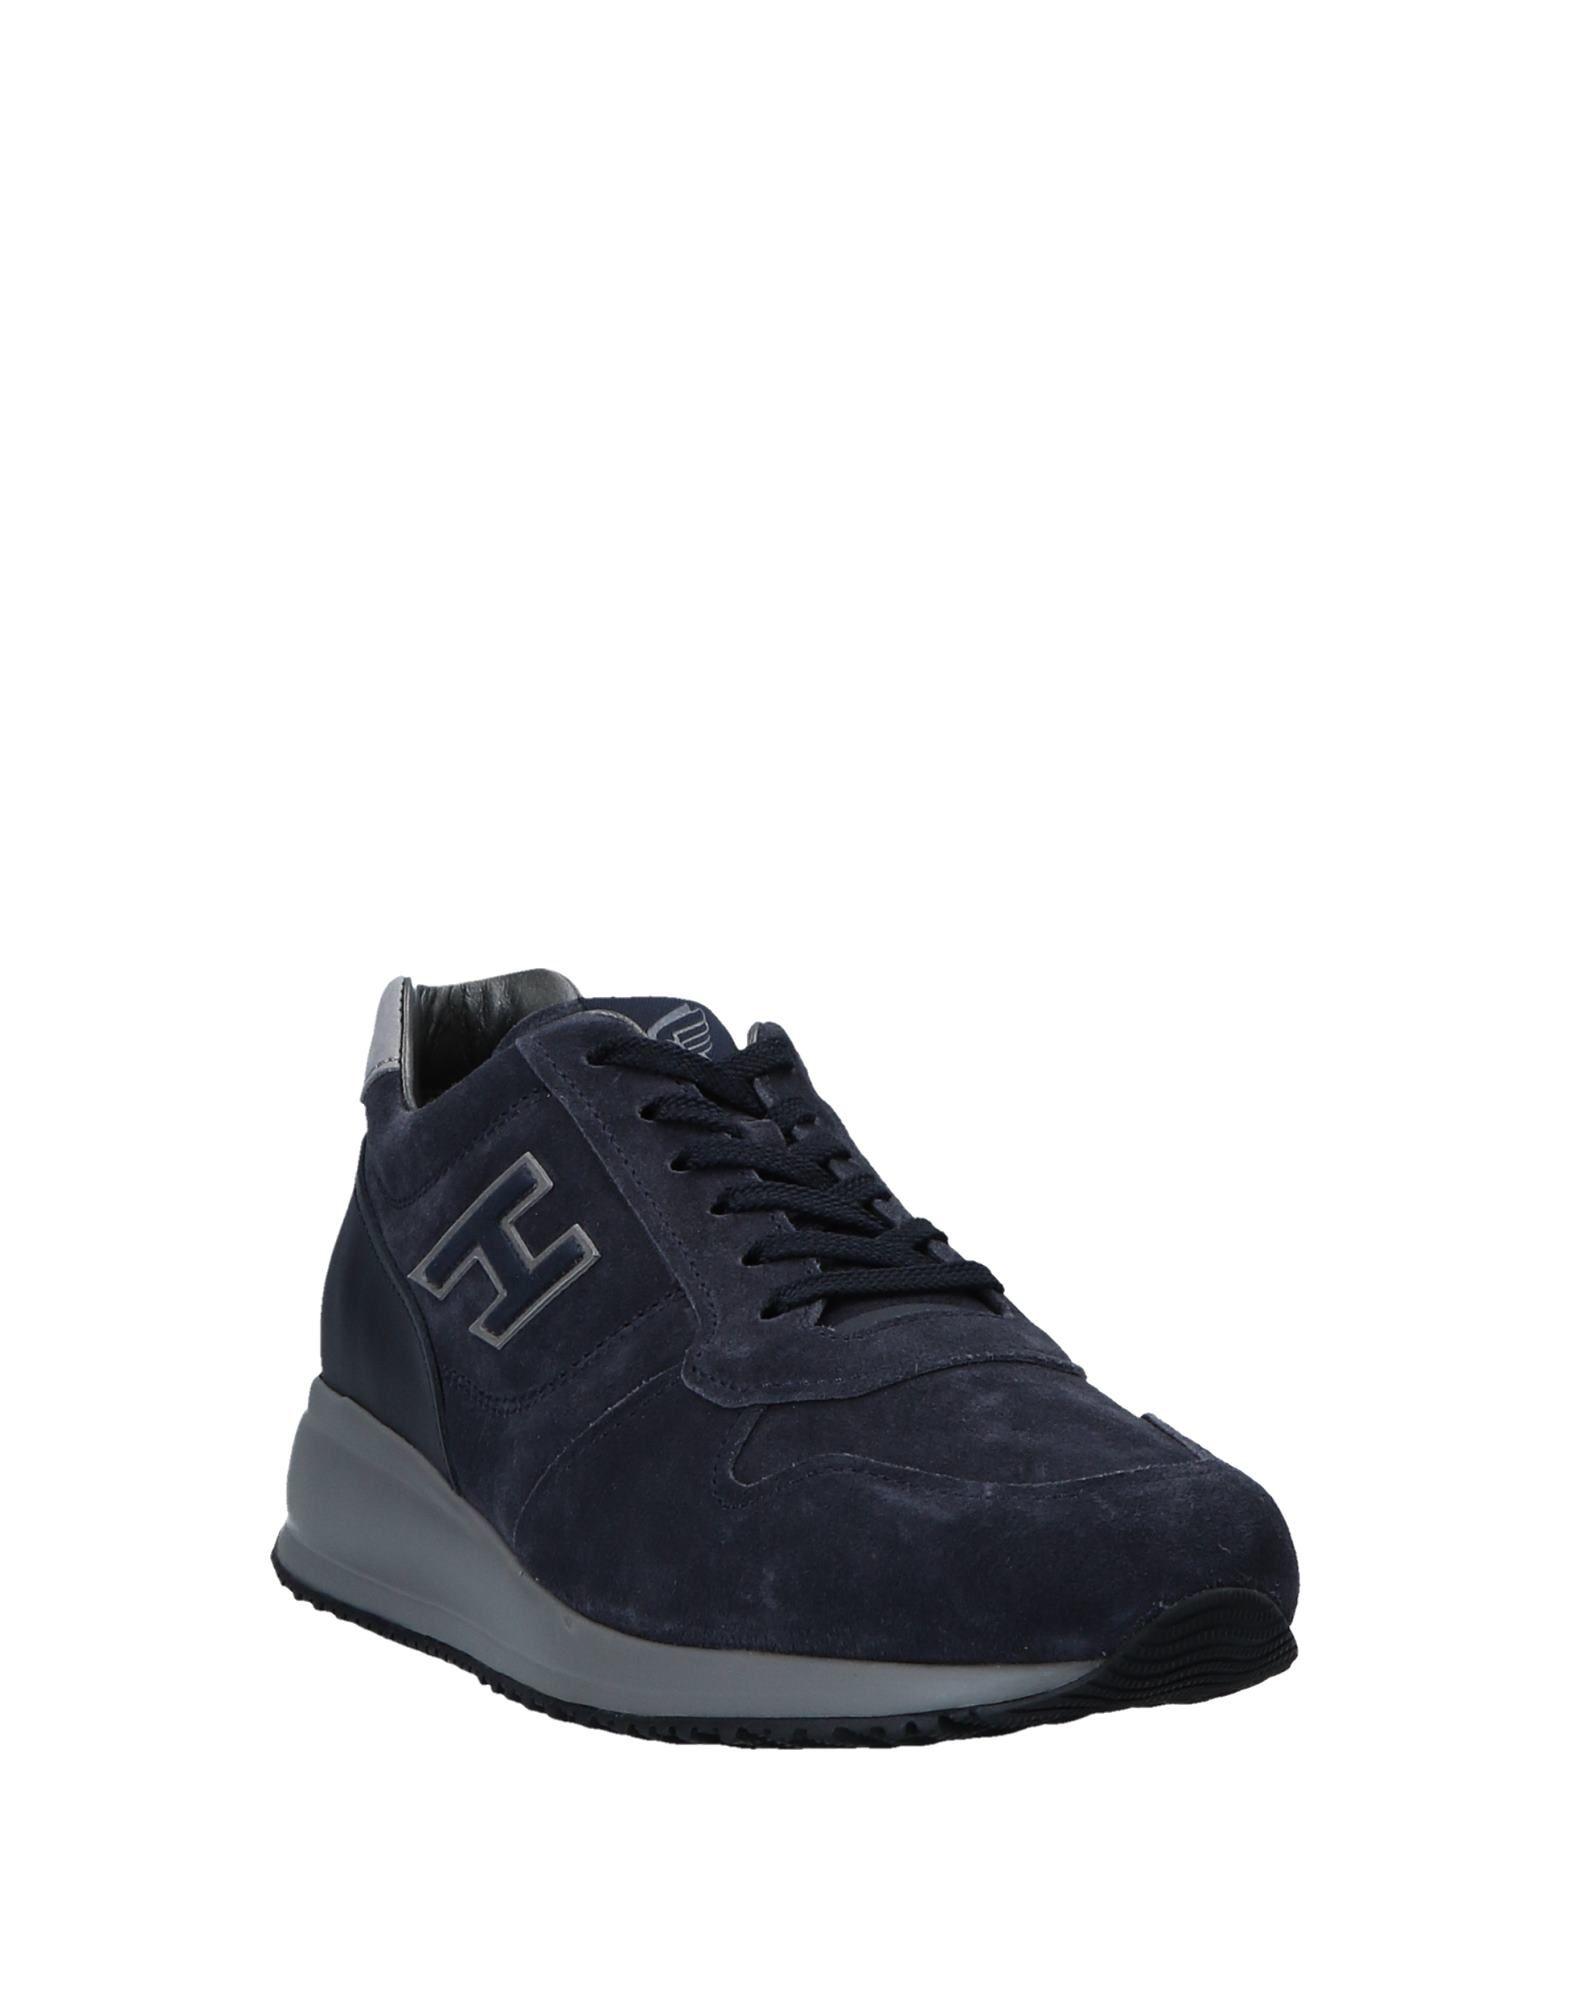 Hogan Sneakers sich Herren Gutes Preis-Leistungs-Verhältnis, es lohnt sich Sneakers b7509f